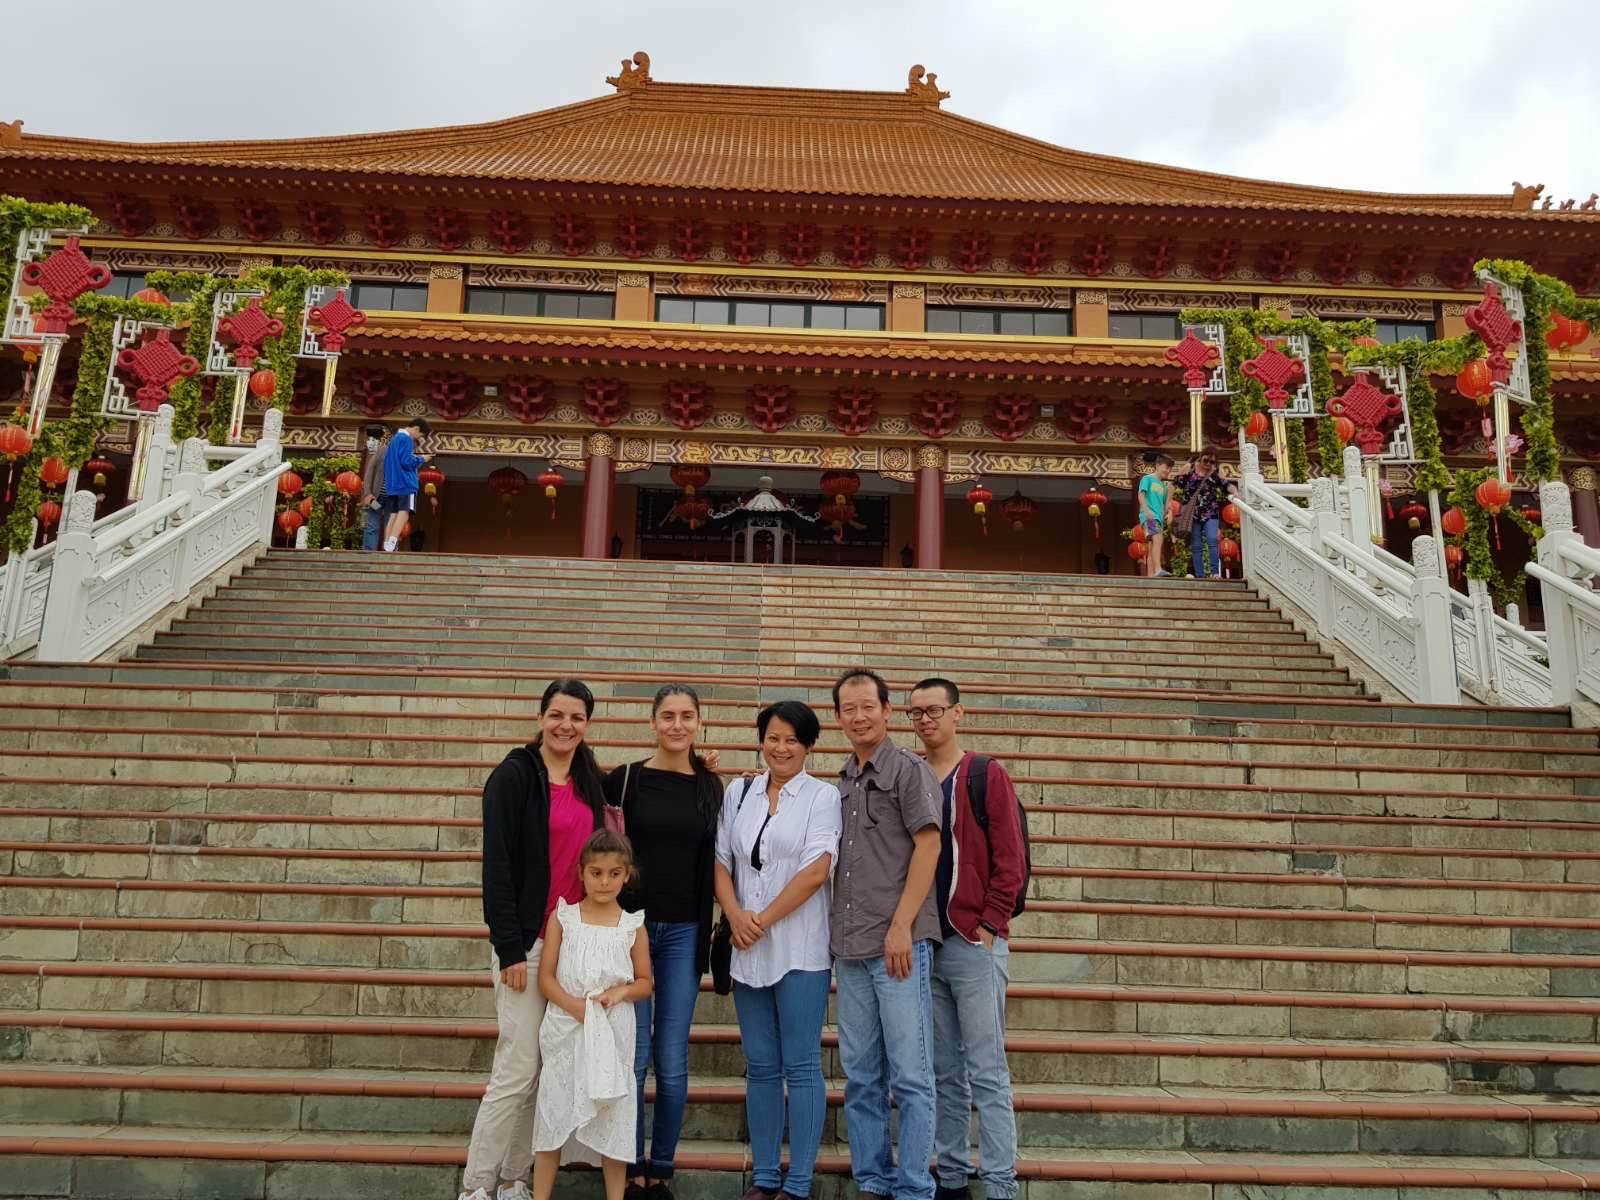 Studenți Pathgate din Grecia și Australia s-au întâlnit în Sydney